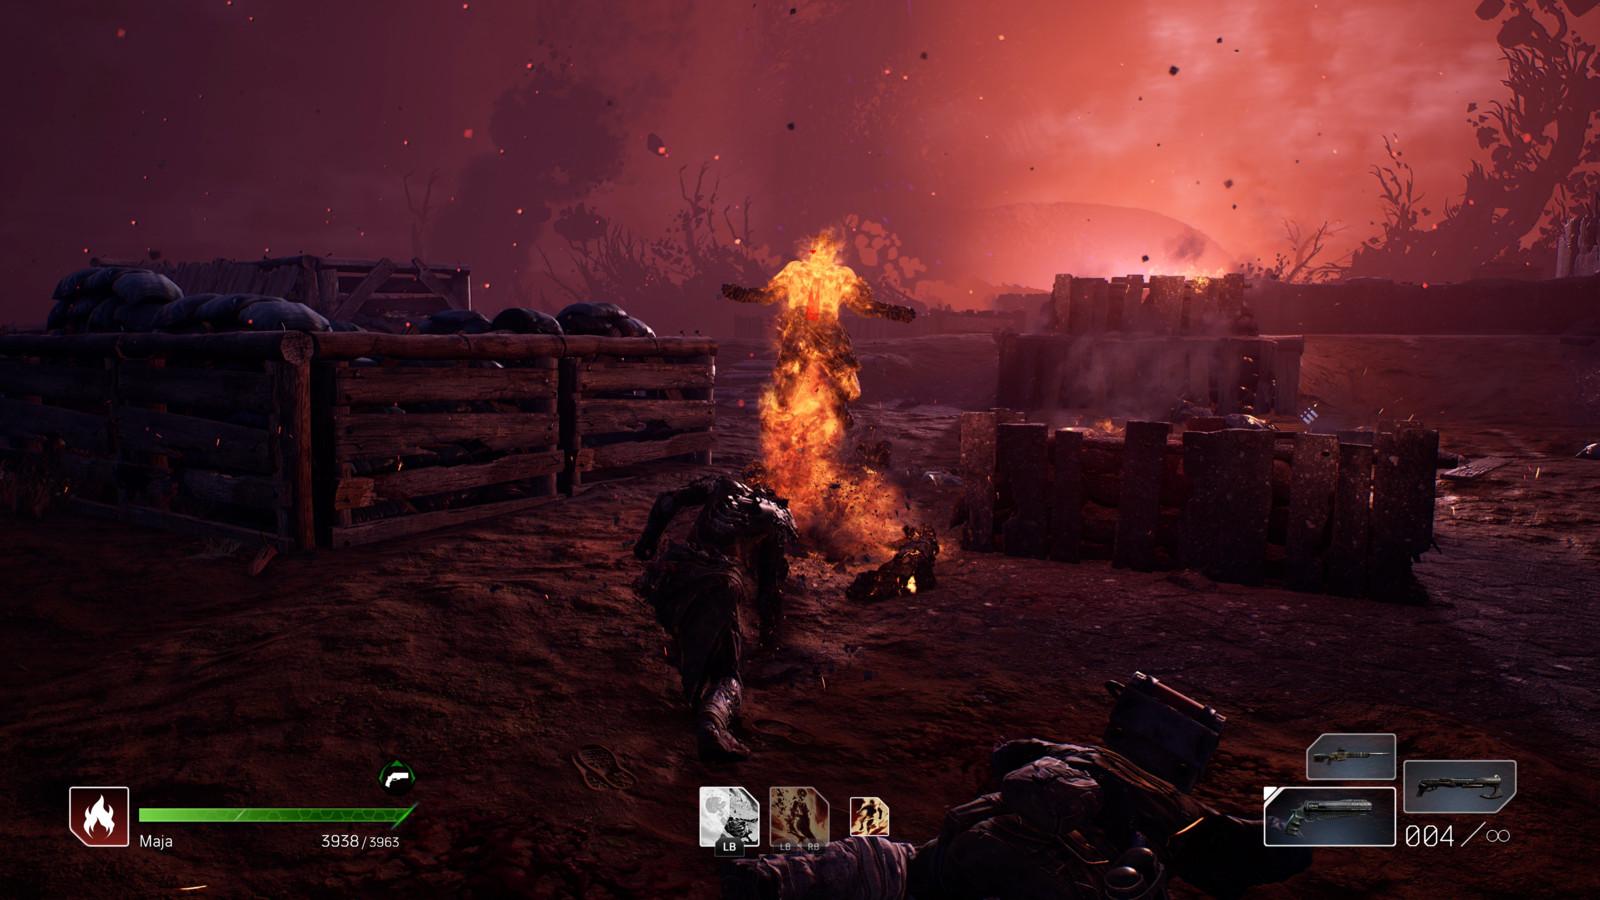 Scène uit de gratis demo van de game. Die demo is een aanrader, alleen al omdat hij zo genereus is qua speeltijd.